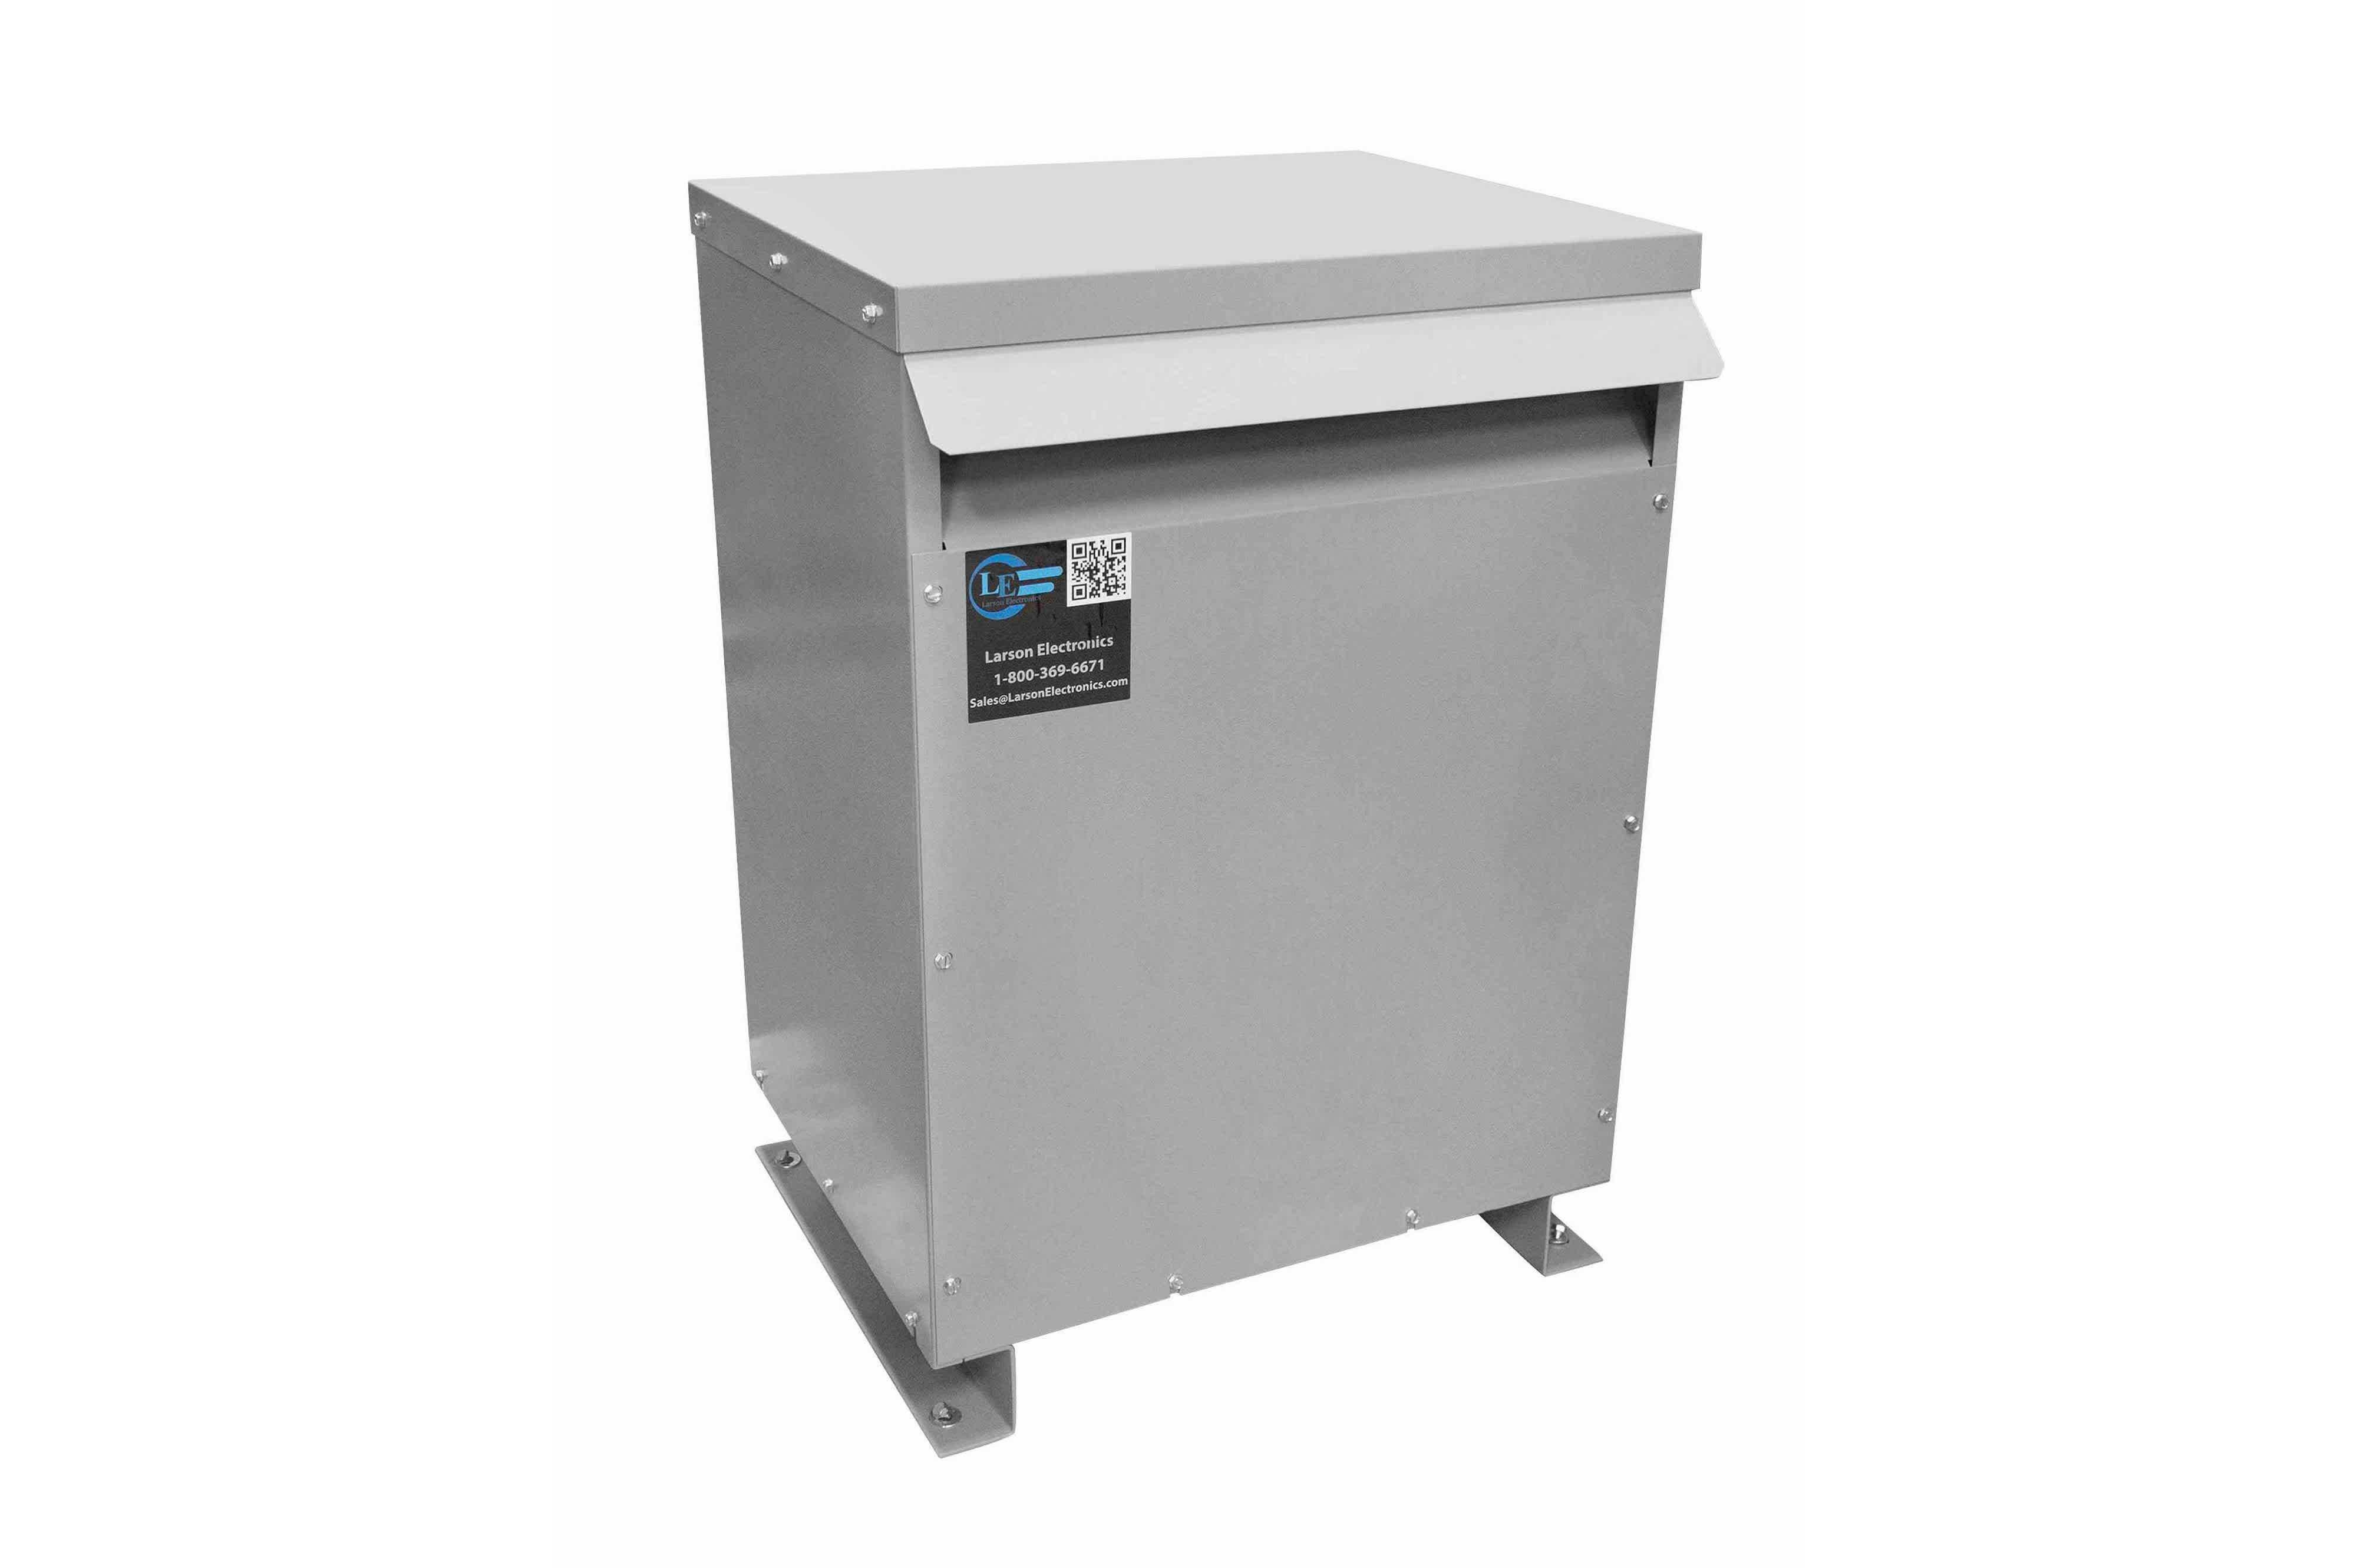 800 kVA 3PH Isolation Transformer, 415V Delta Primary, 208V Delta Secondary, N3R, Ventilated, 60 Hz